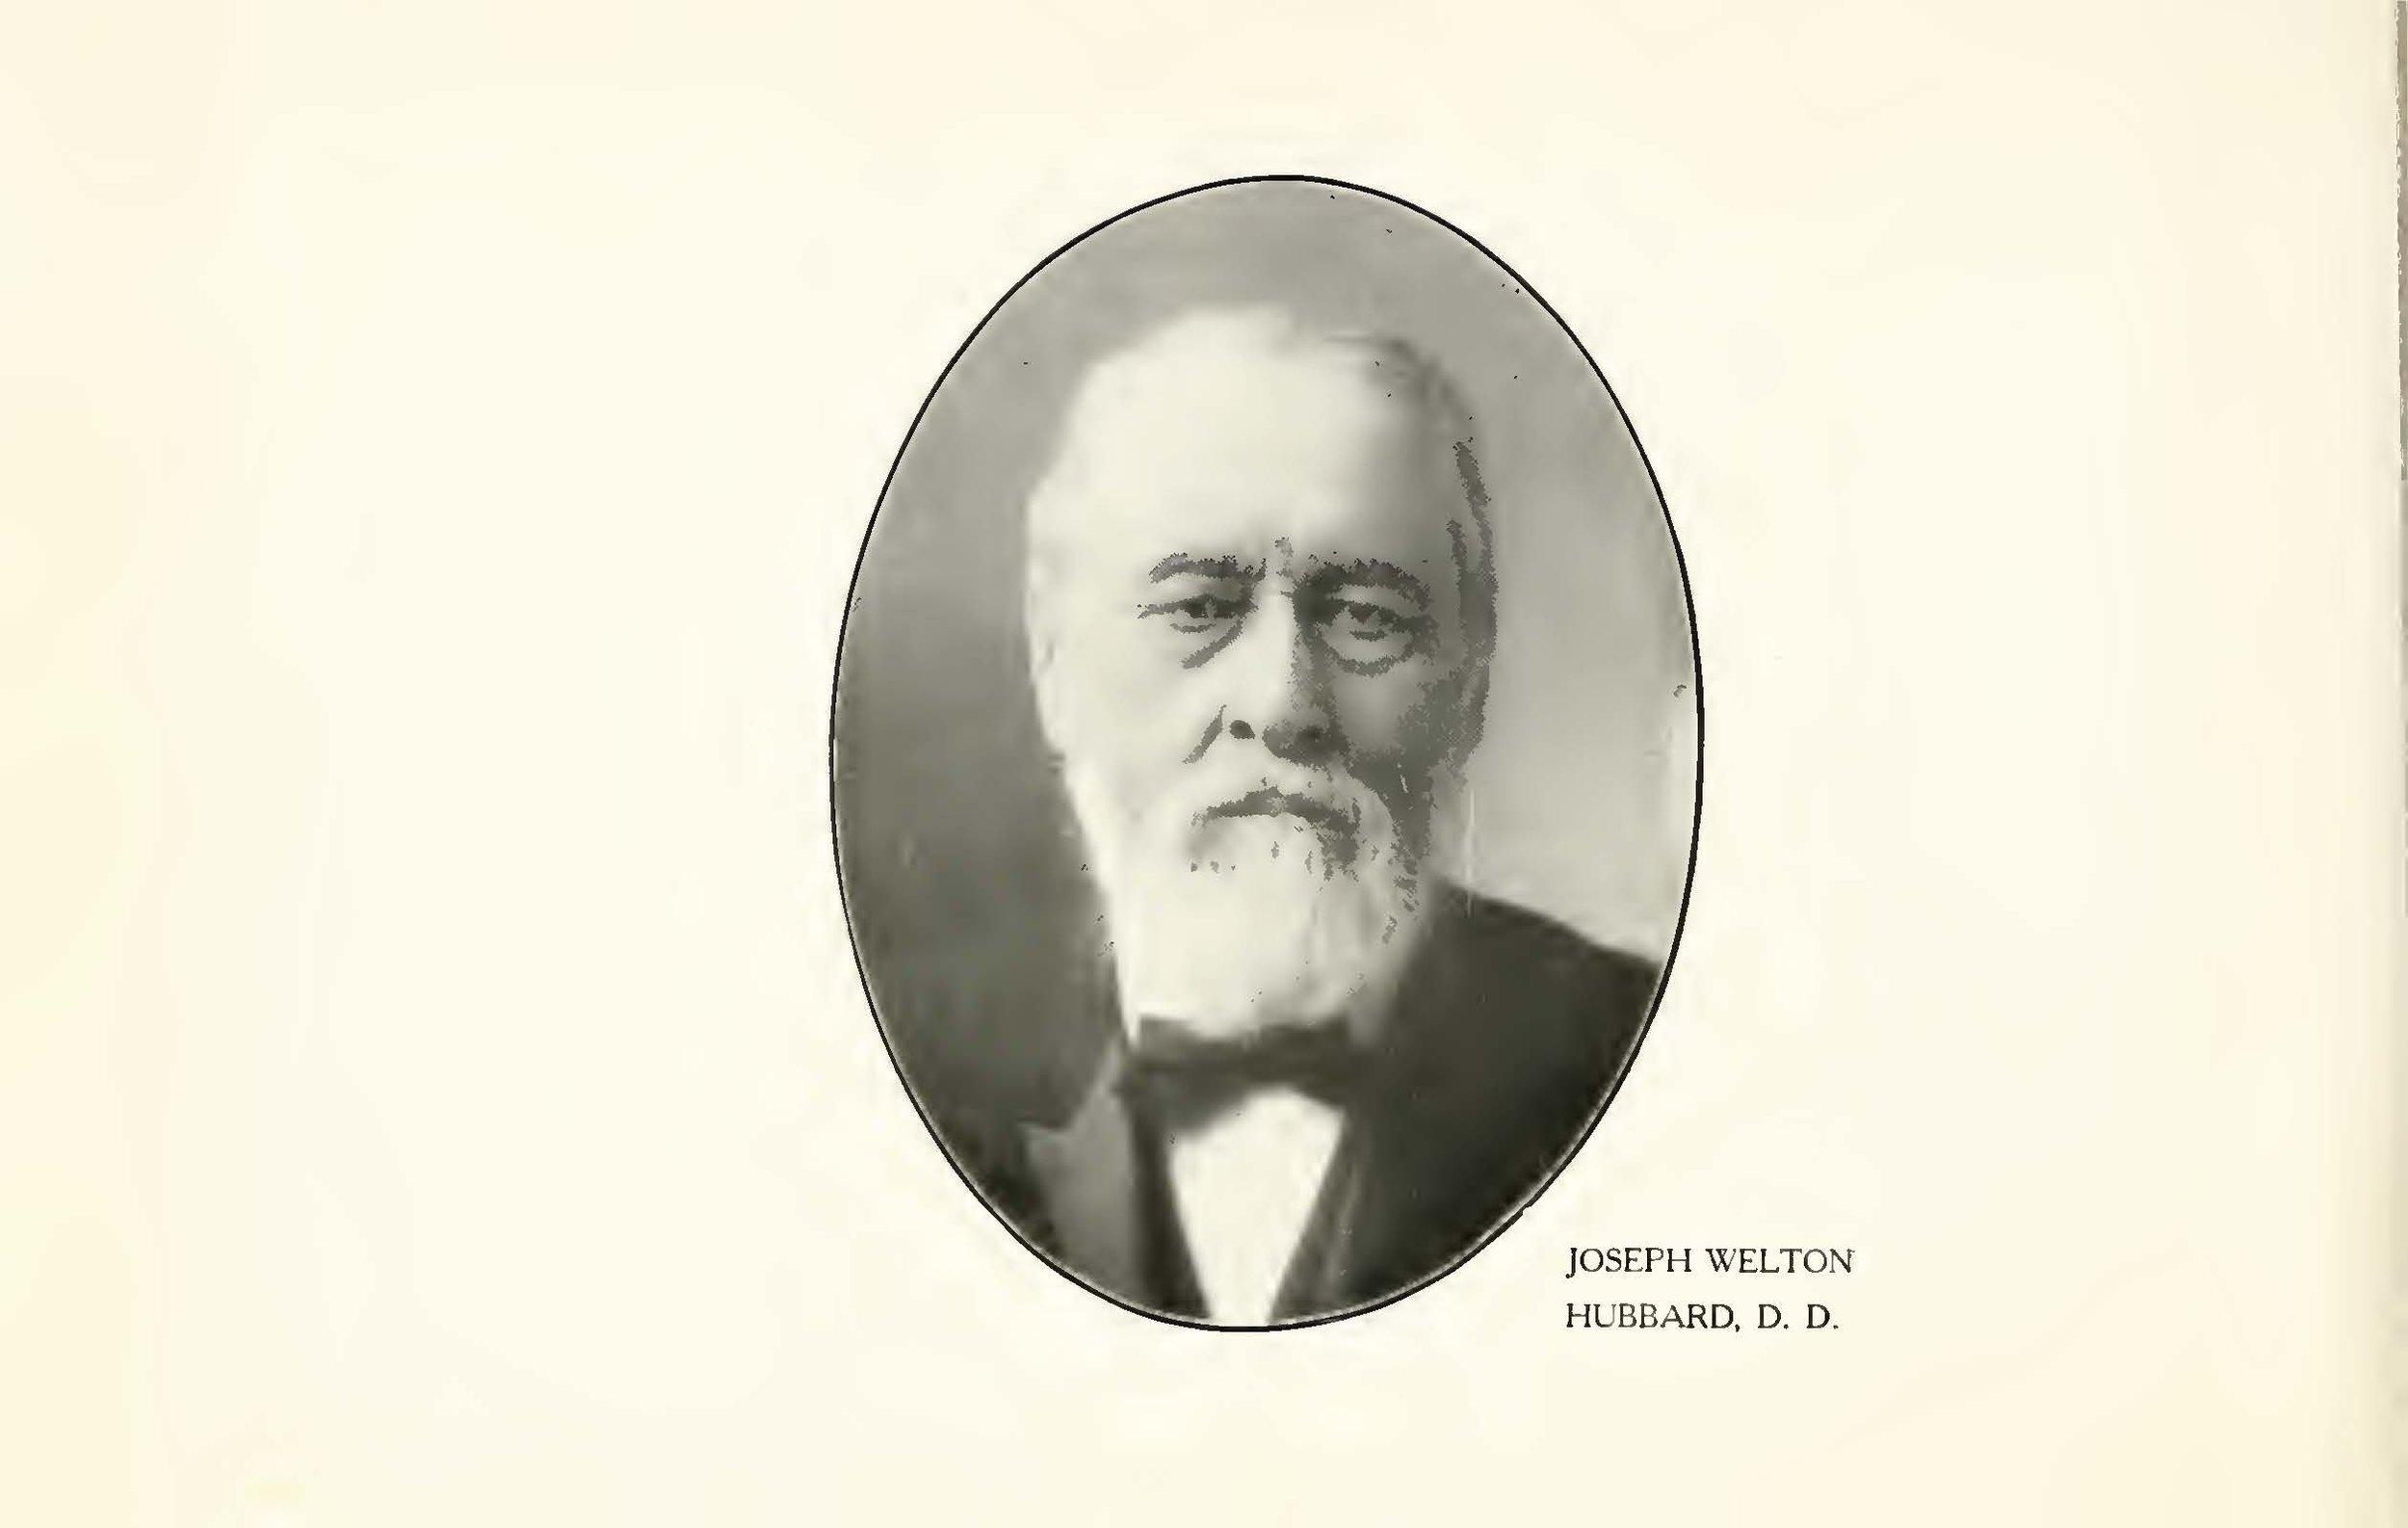 Hubbard, Joseph Welton photo.jpg